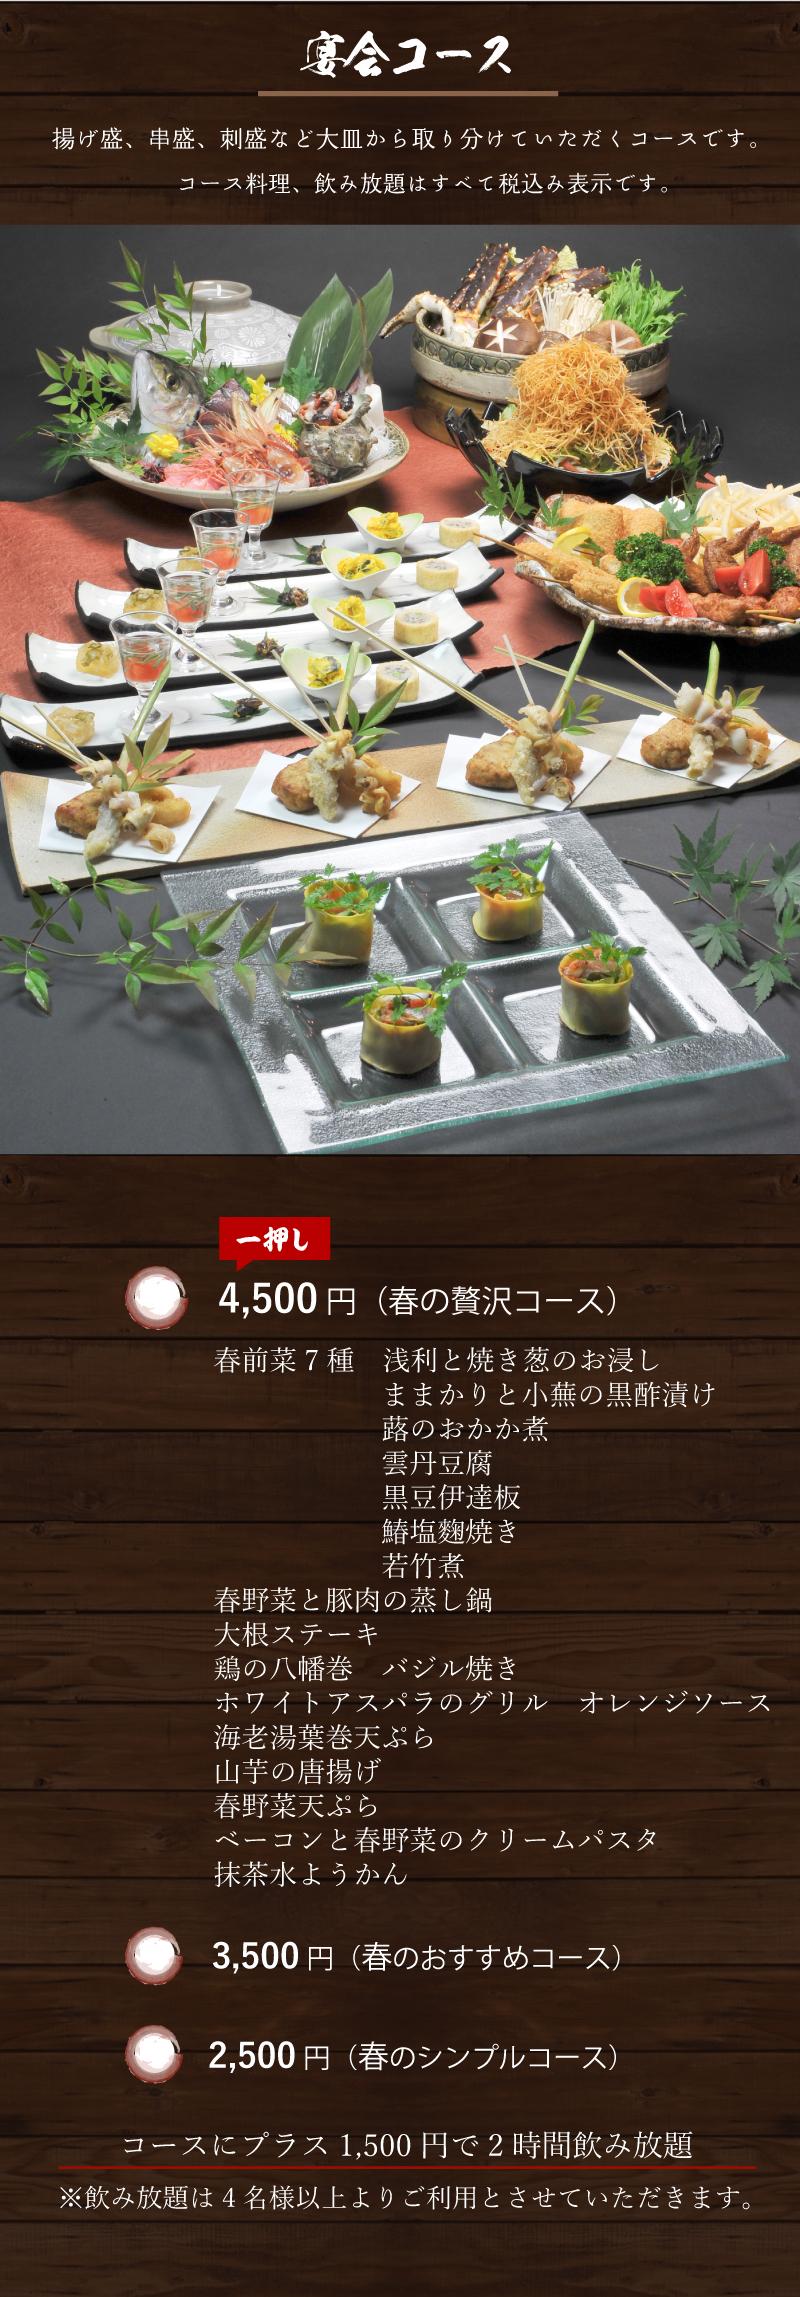 SP宴会コース詳細